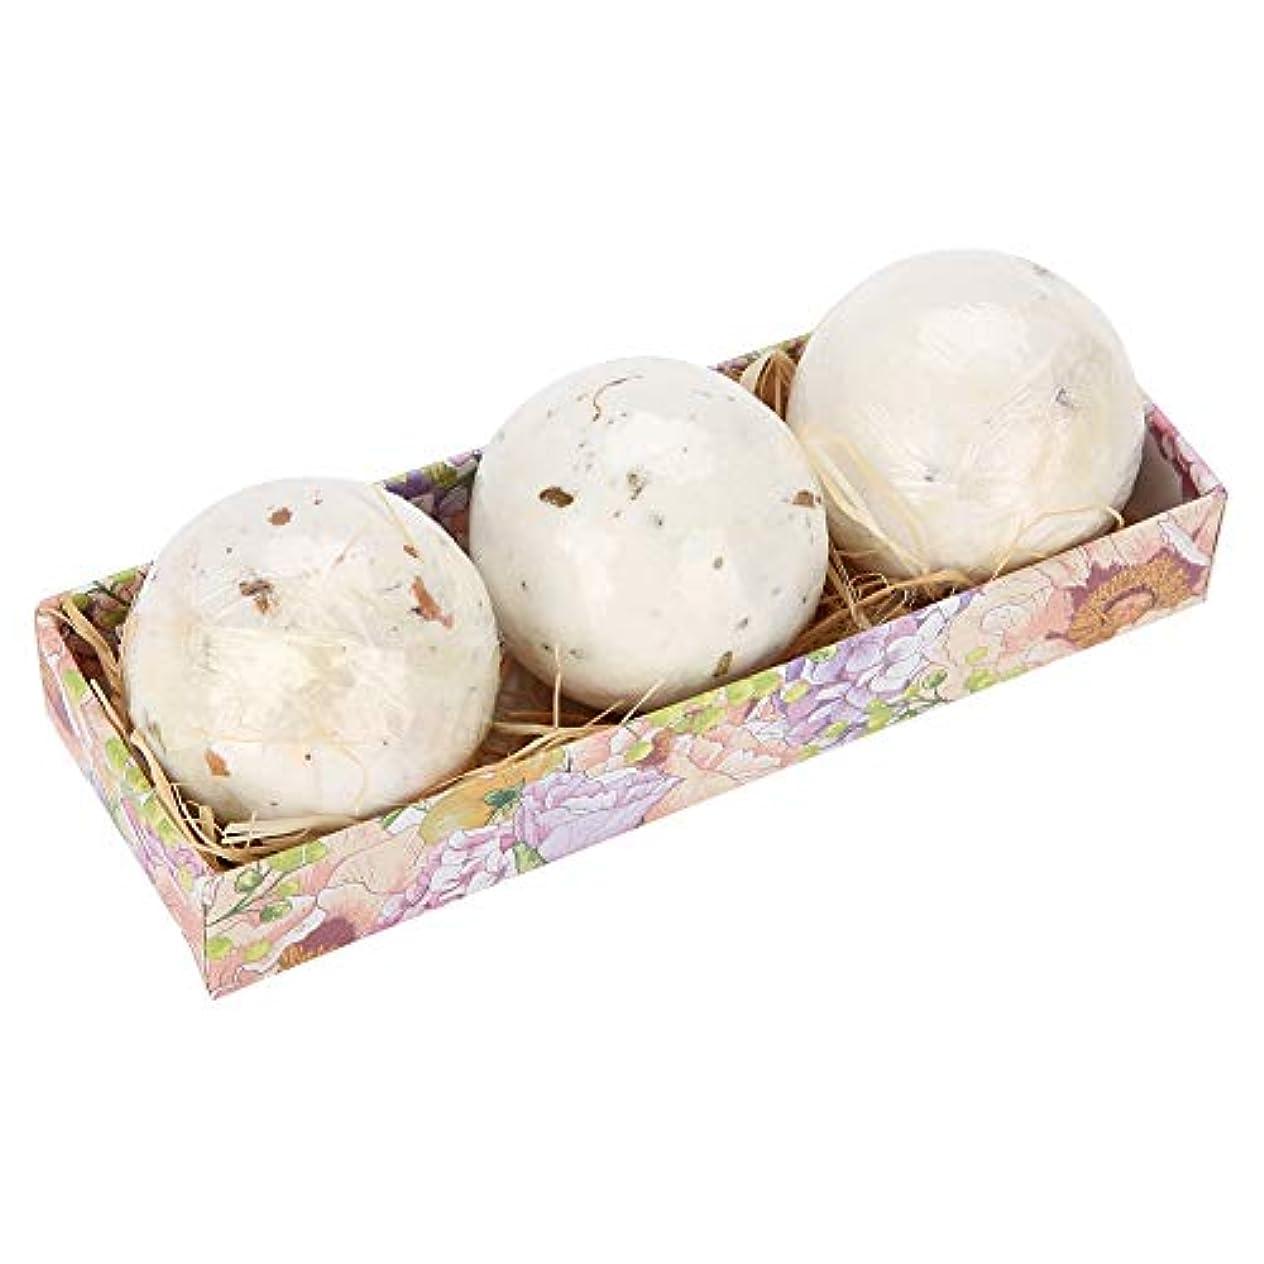 に勝るハグ日食バスボム 4枚入り 爆弾バスボール 入浴剤 入浴料 セットお風呂用 海塩 潤い 肌に良い 痒み止め 贈り物 ギフト